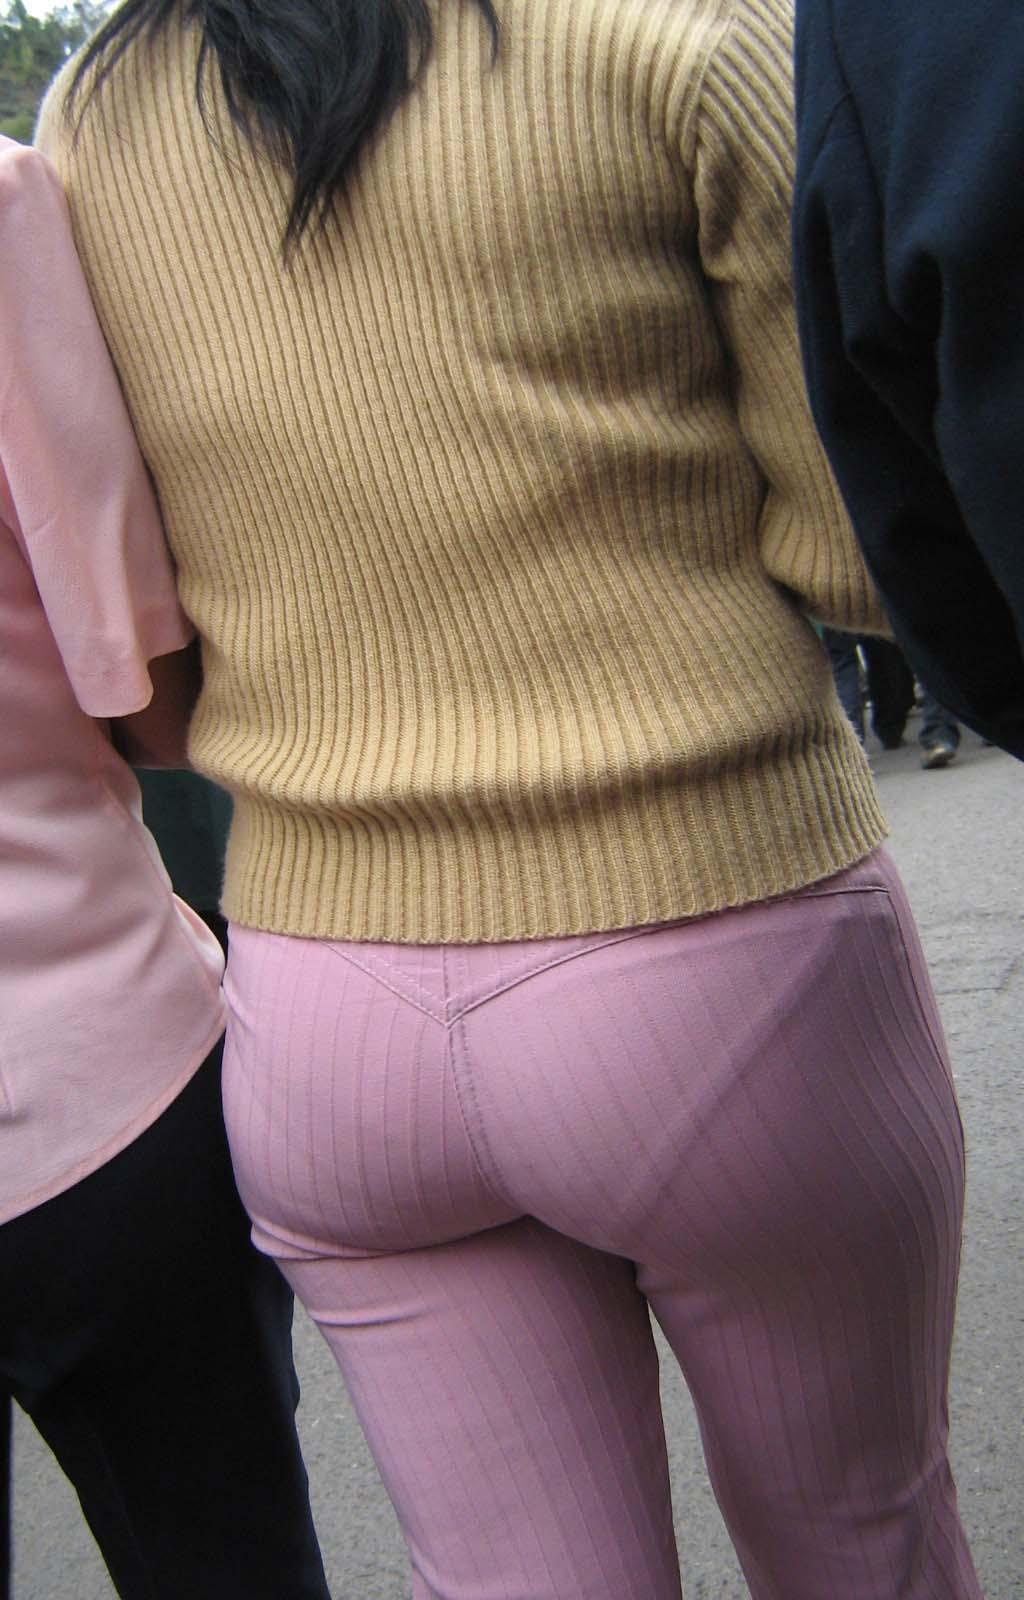 【街撮り素人着衣尻】生の尻よりもイヤらしいムチムチ透けパン尻画像 17